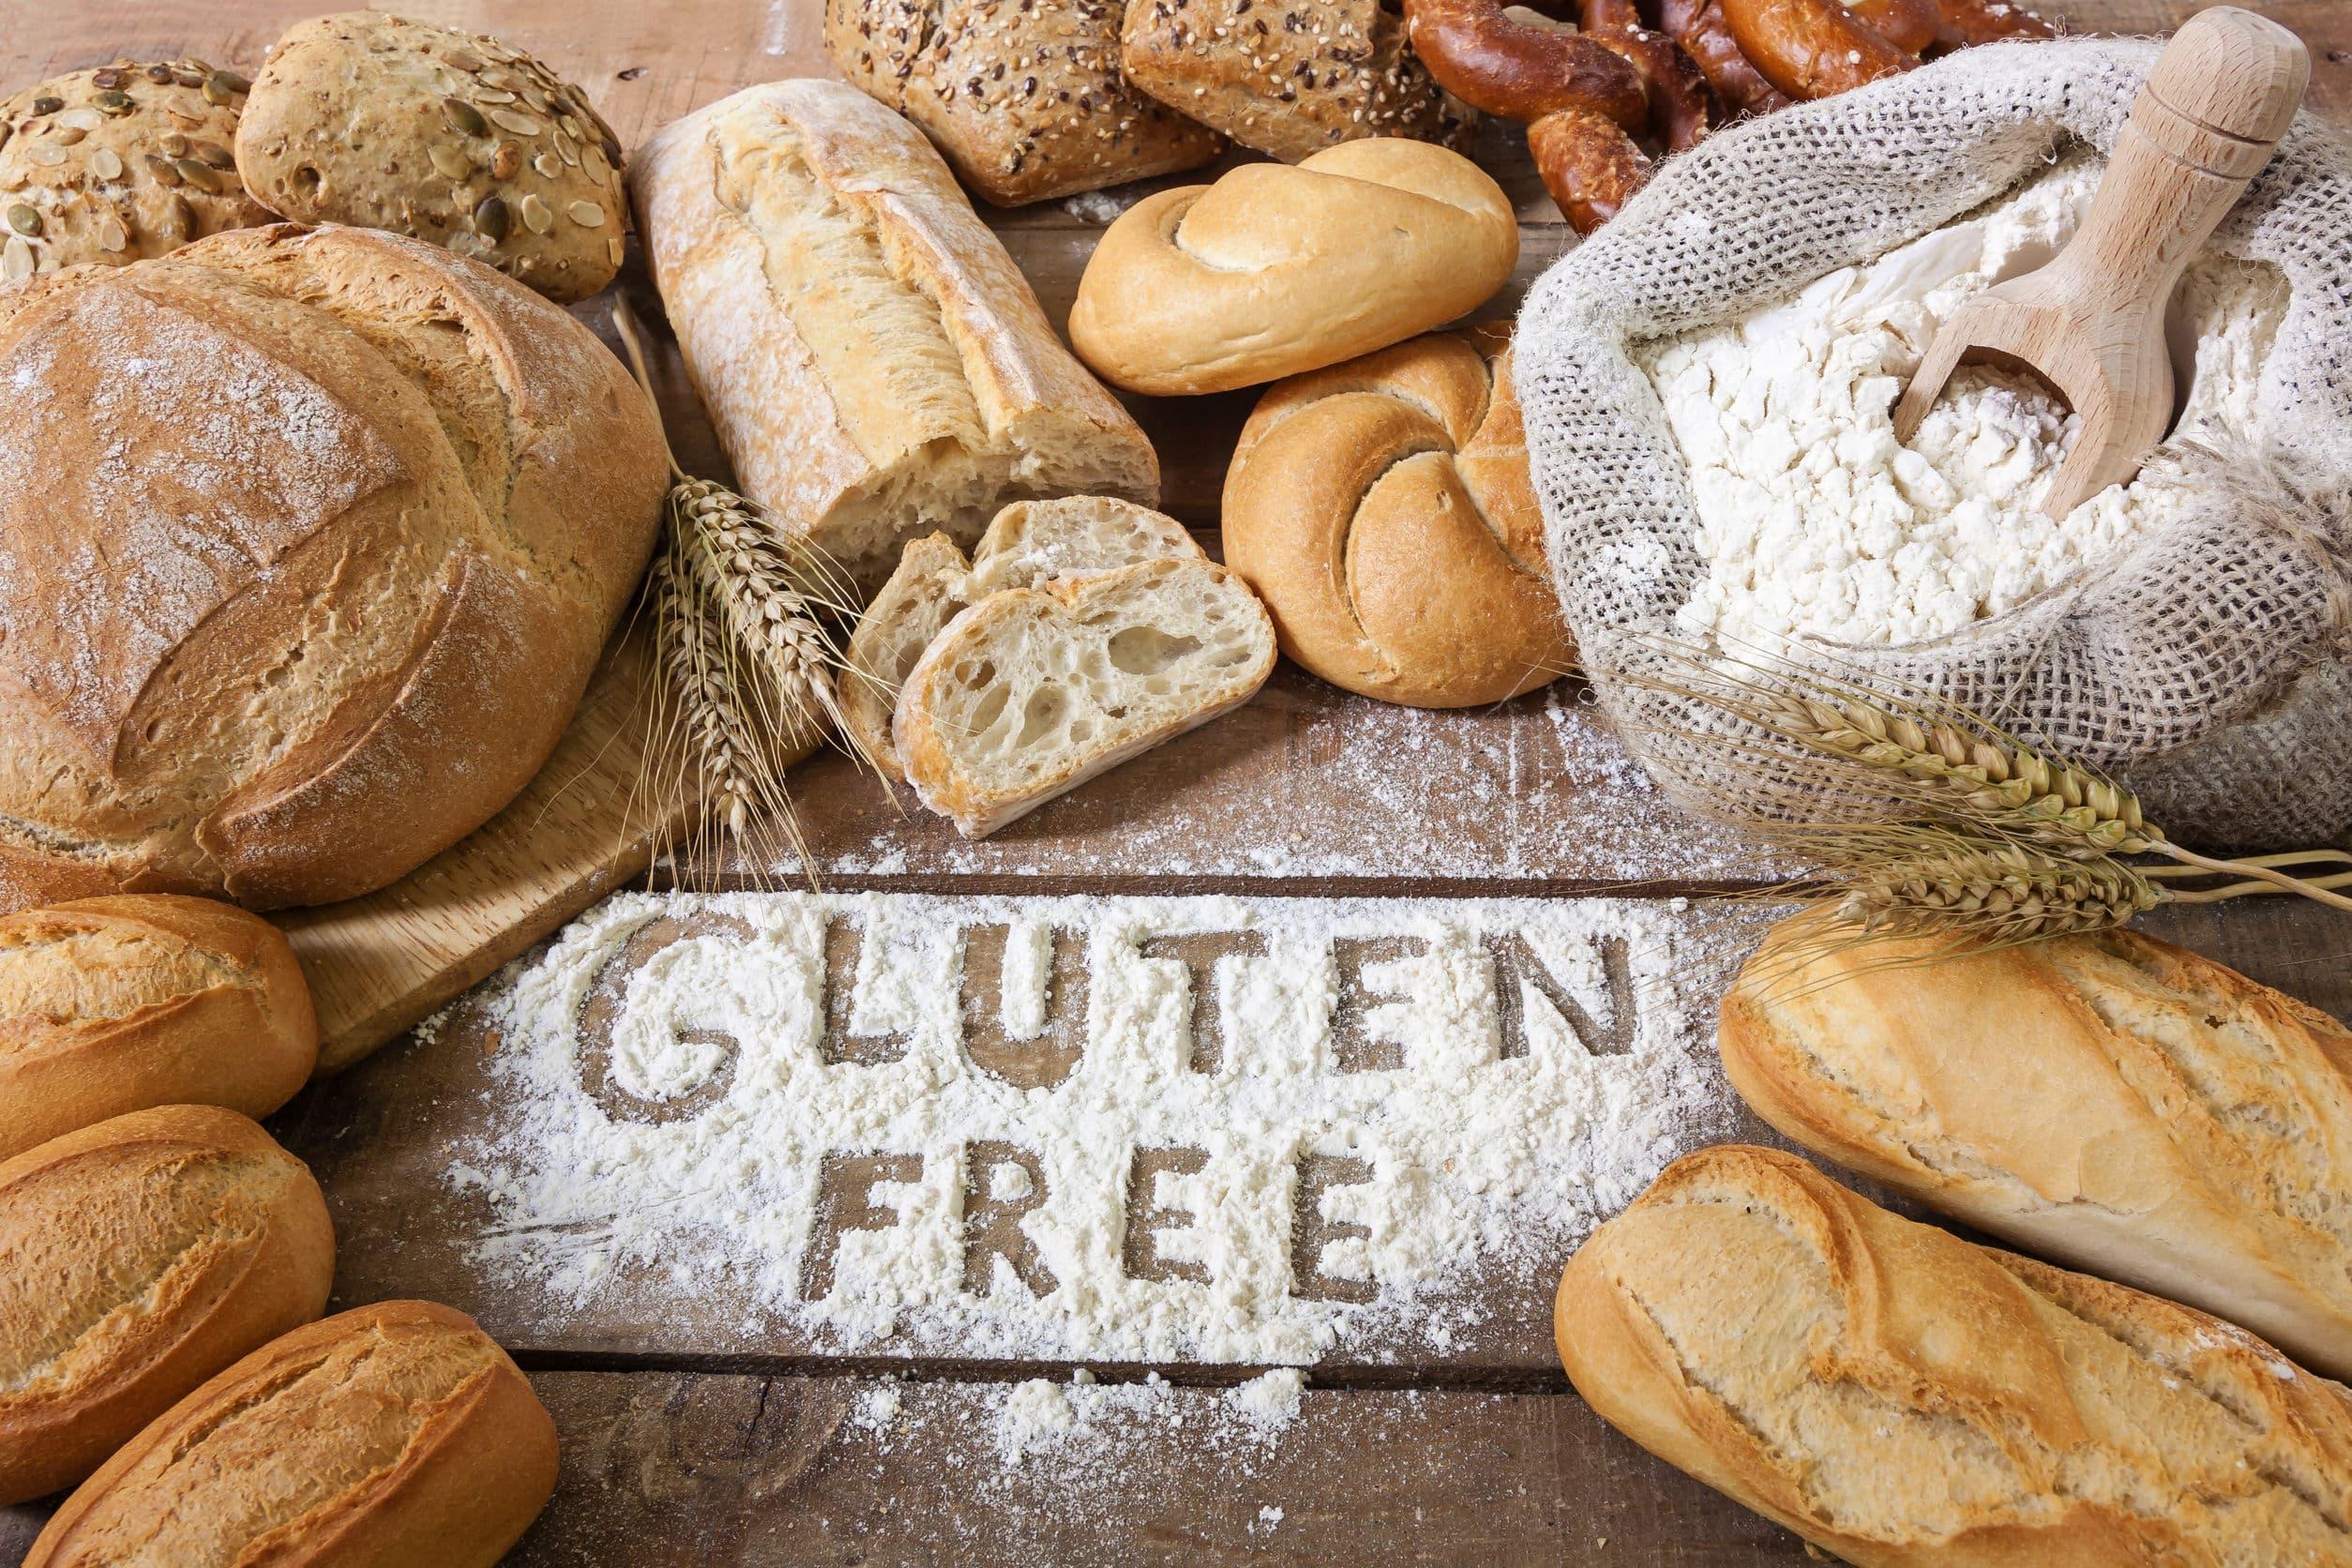 Gluten-Free Gluttony!